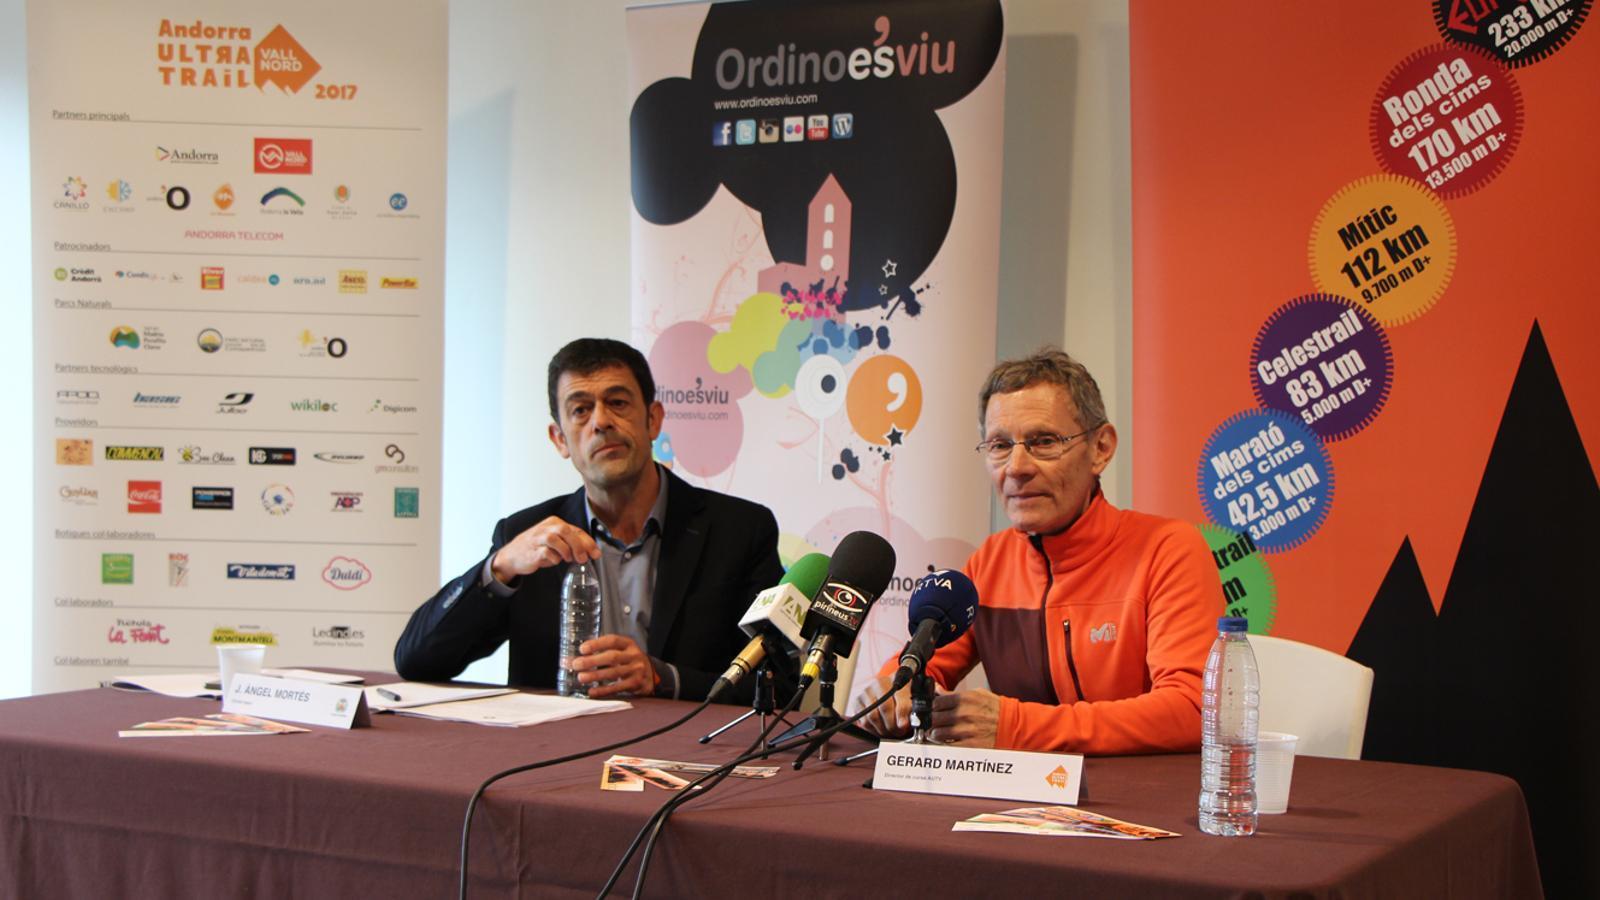 El cònsol major d'Ordino, Josep Àngel Mortés, i el director tècnic de la cursa AUTV, Gerard Martínez, en un moment de la roda de premsa. / L. M. (ANA)